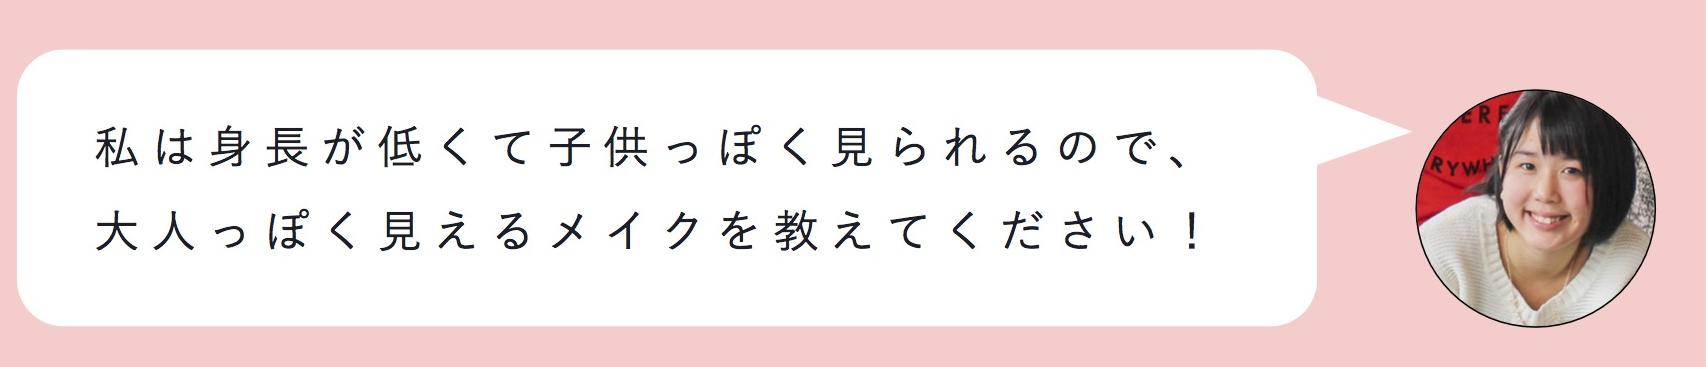 ari_chan02